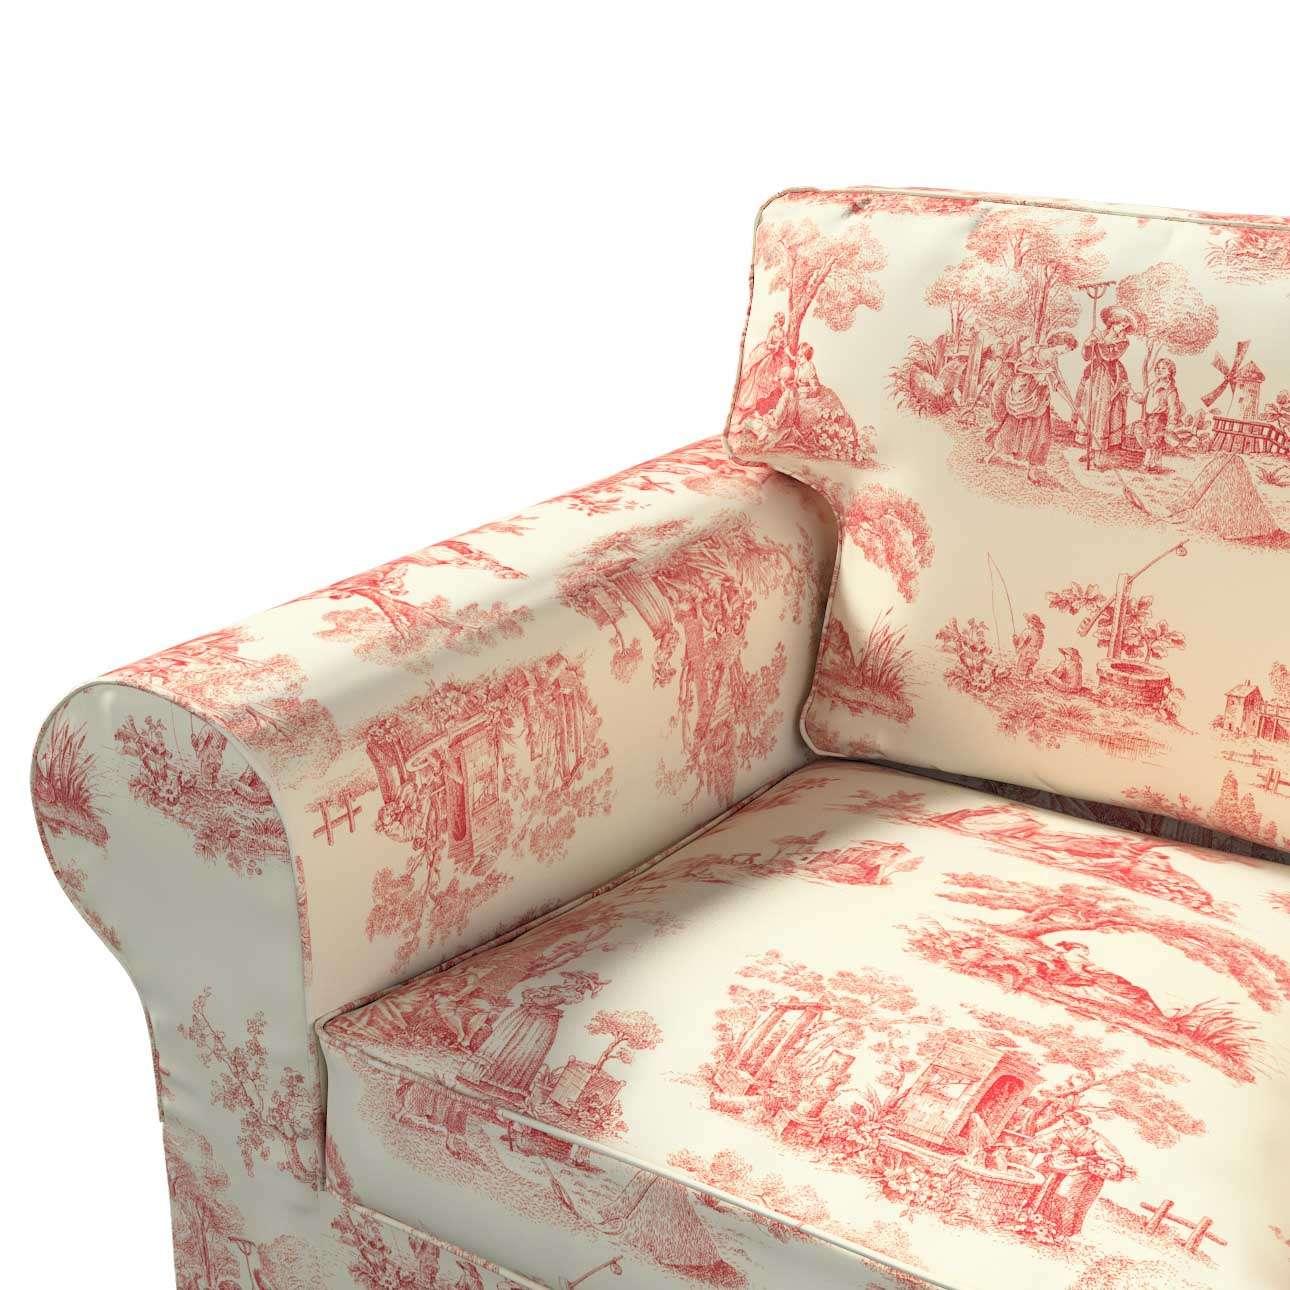 Pokrowiec na sofę Ektorp 2-osobową rozkładana NOWY MODEL 2012 sofa ektorp 2-osobowa rozkładana NOWY MODEL w kolekcji Avinon, tkanina: 132-15